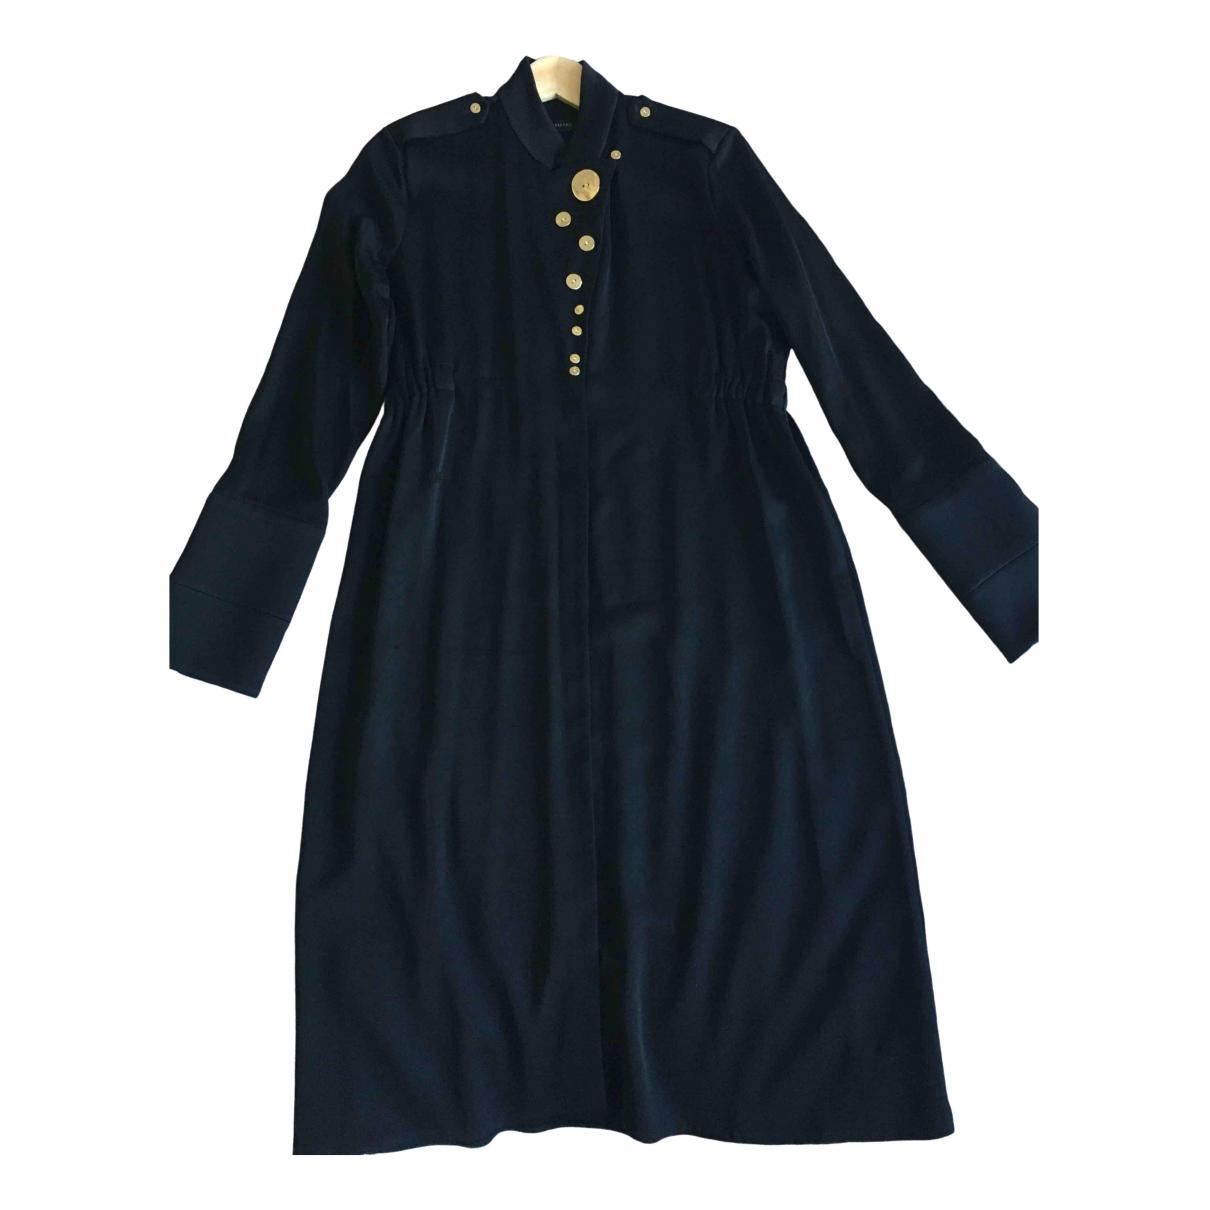 Ellery \N Kleid in  Schwarz Synthetik